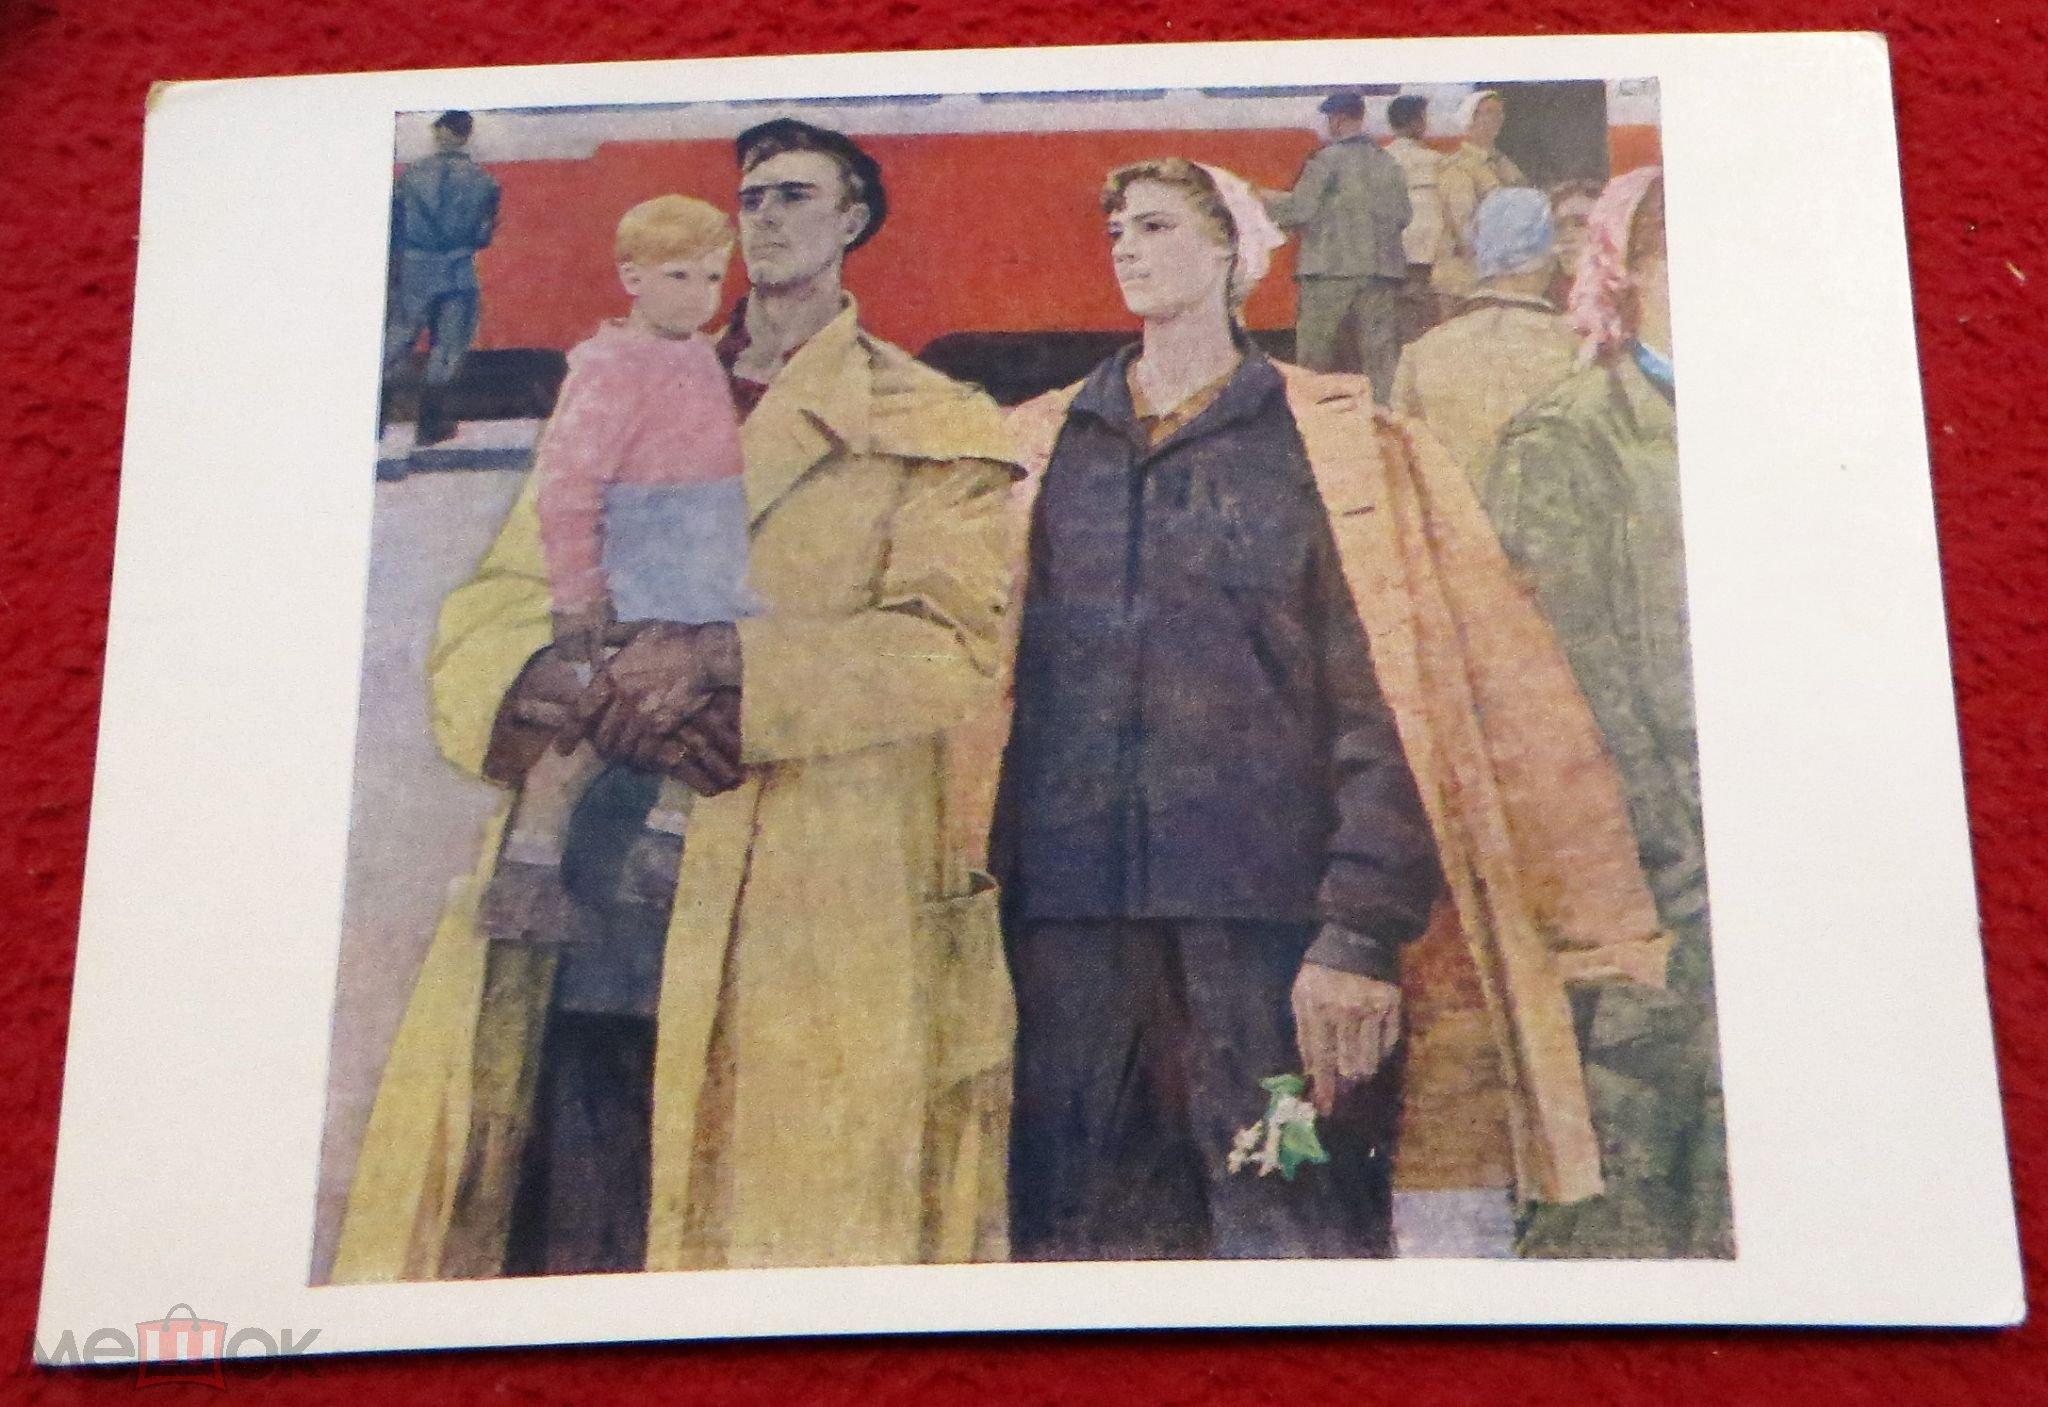 открытка СССР трудовые люди Кузбасса худ. Гландин СХ 1962 г. чистая